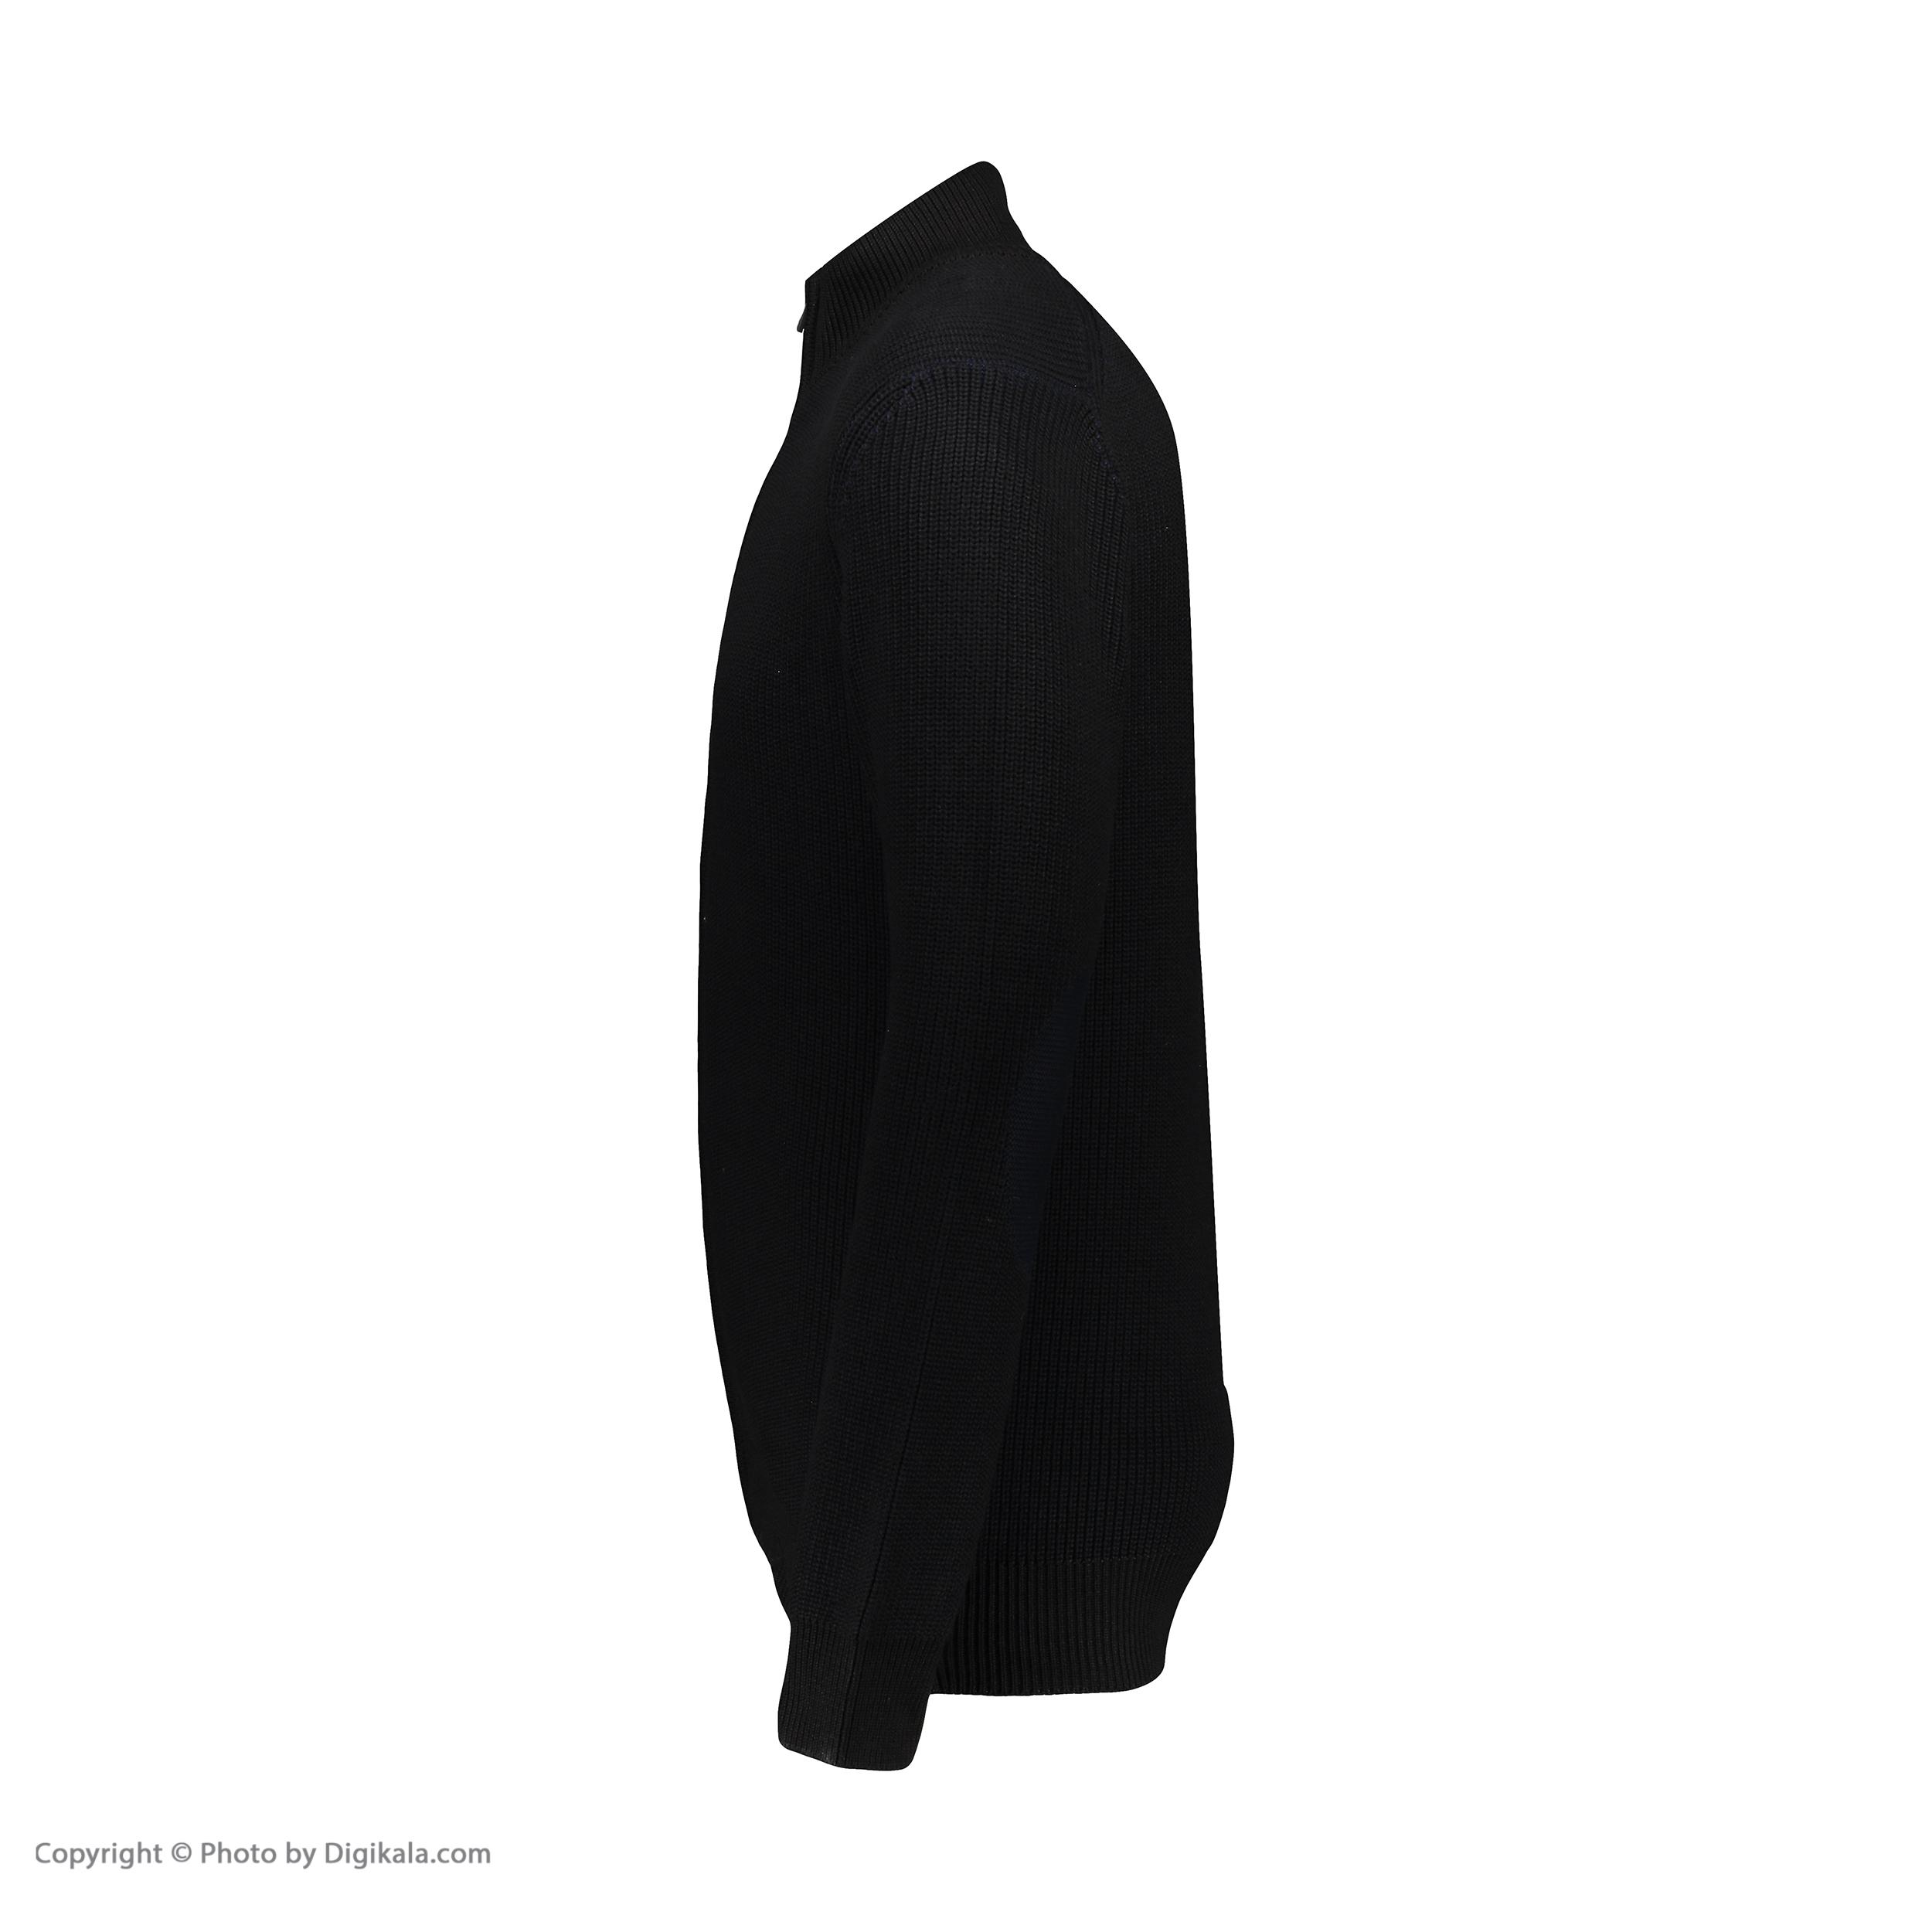 سویشرت مردانه ال سی من مدل 09565834-BLACK